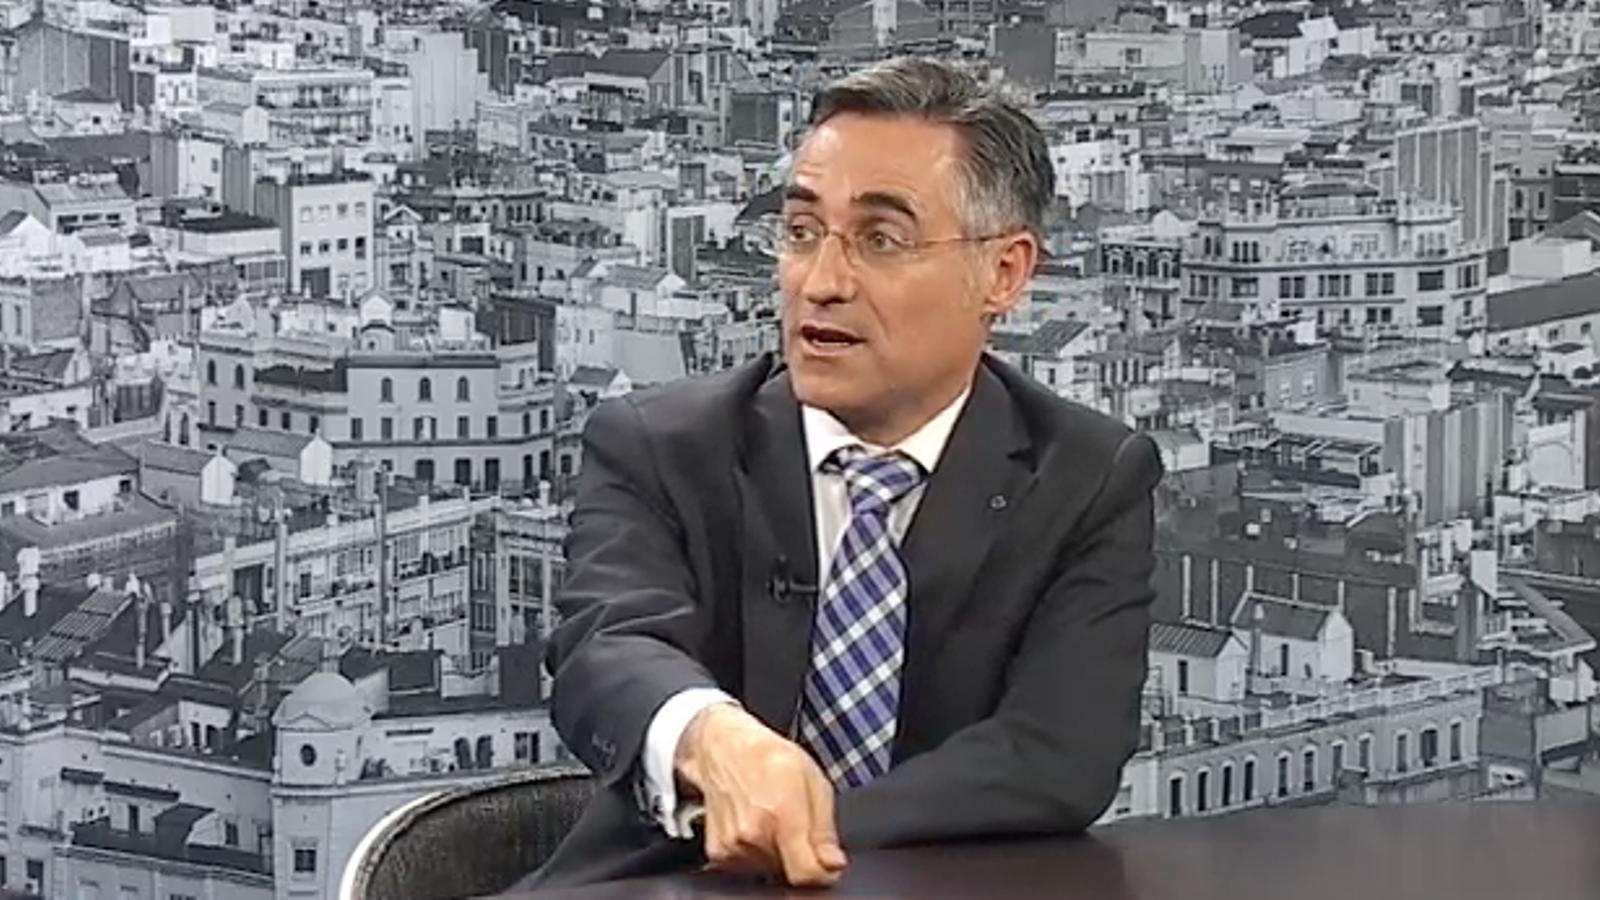 Entrevistem Ramon Tremosa, candidat de CiU a les eleccions europees